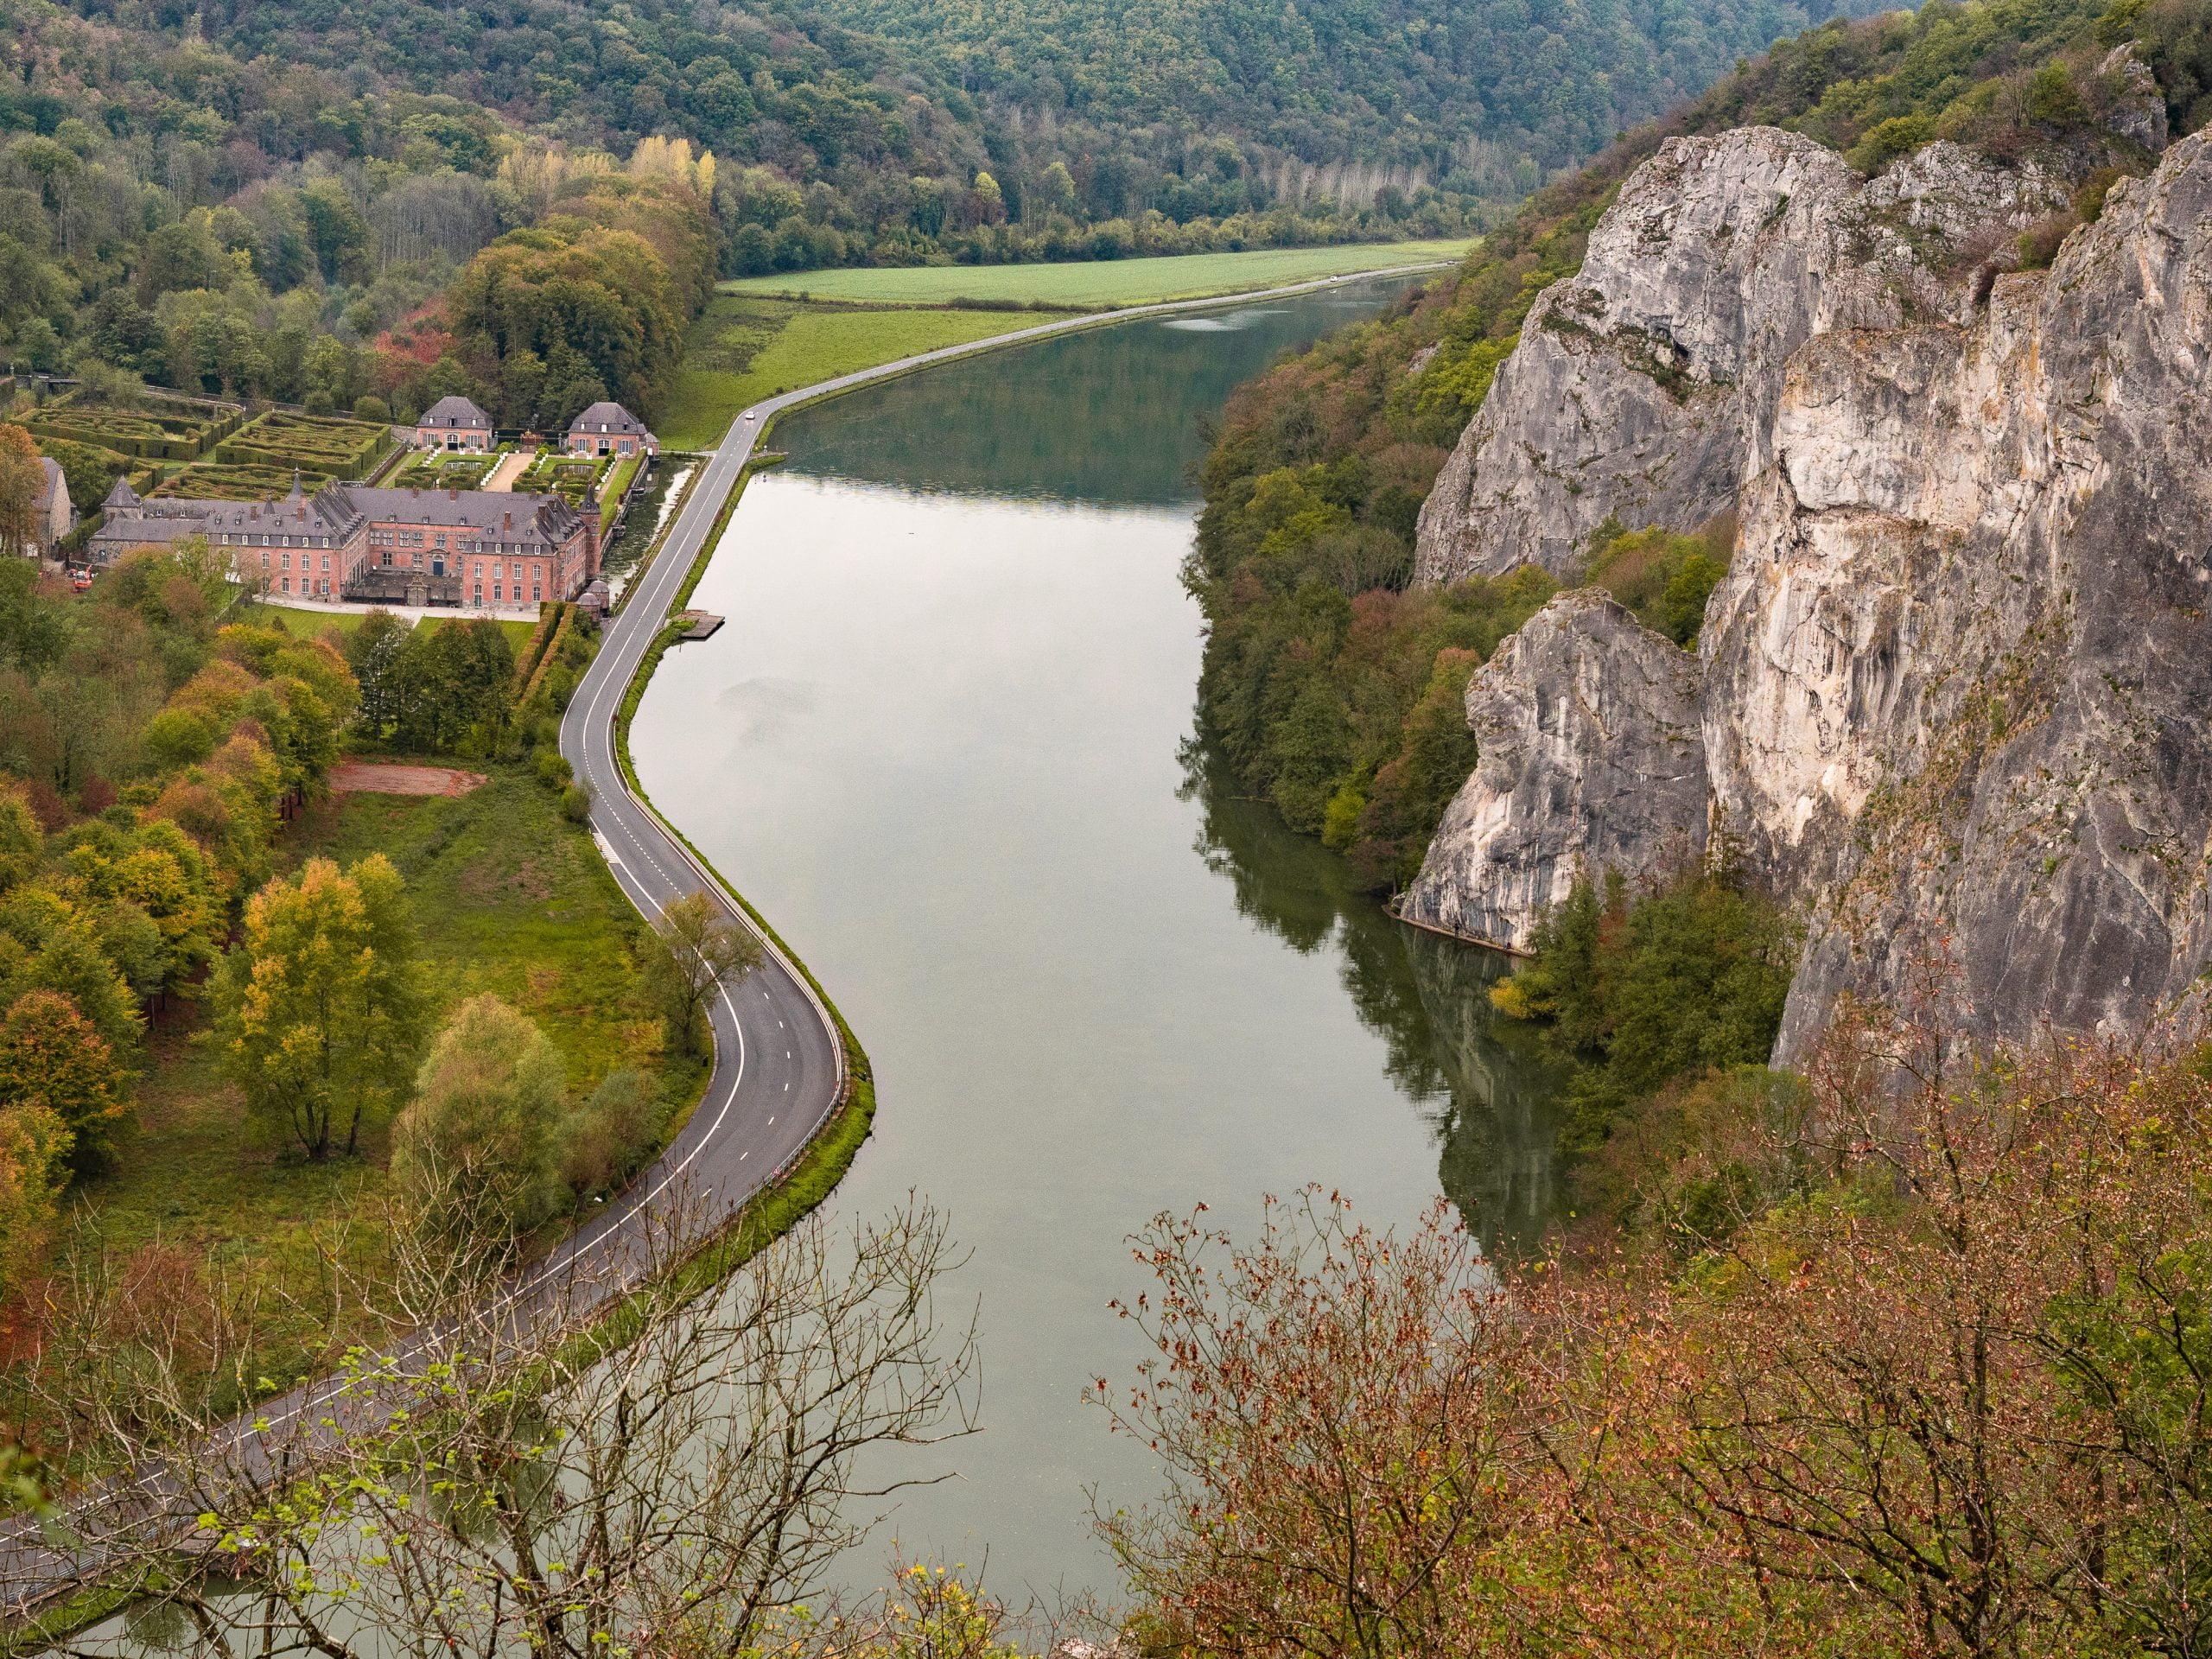 Freyr point de vue scaled - Les globe blogueurs - blog voyage nature